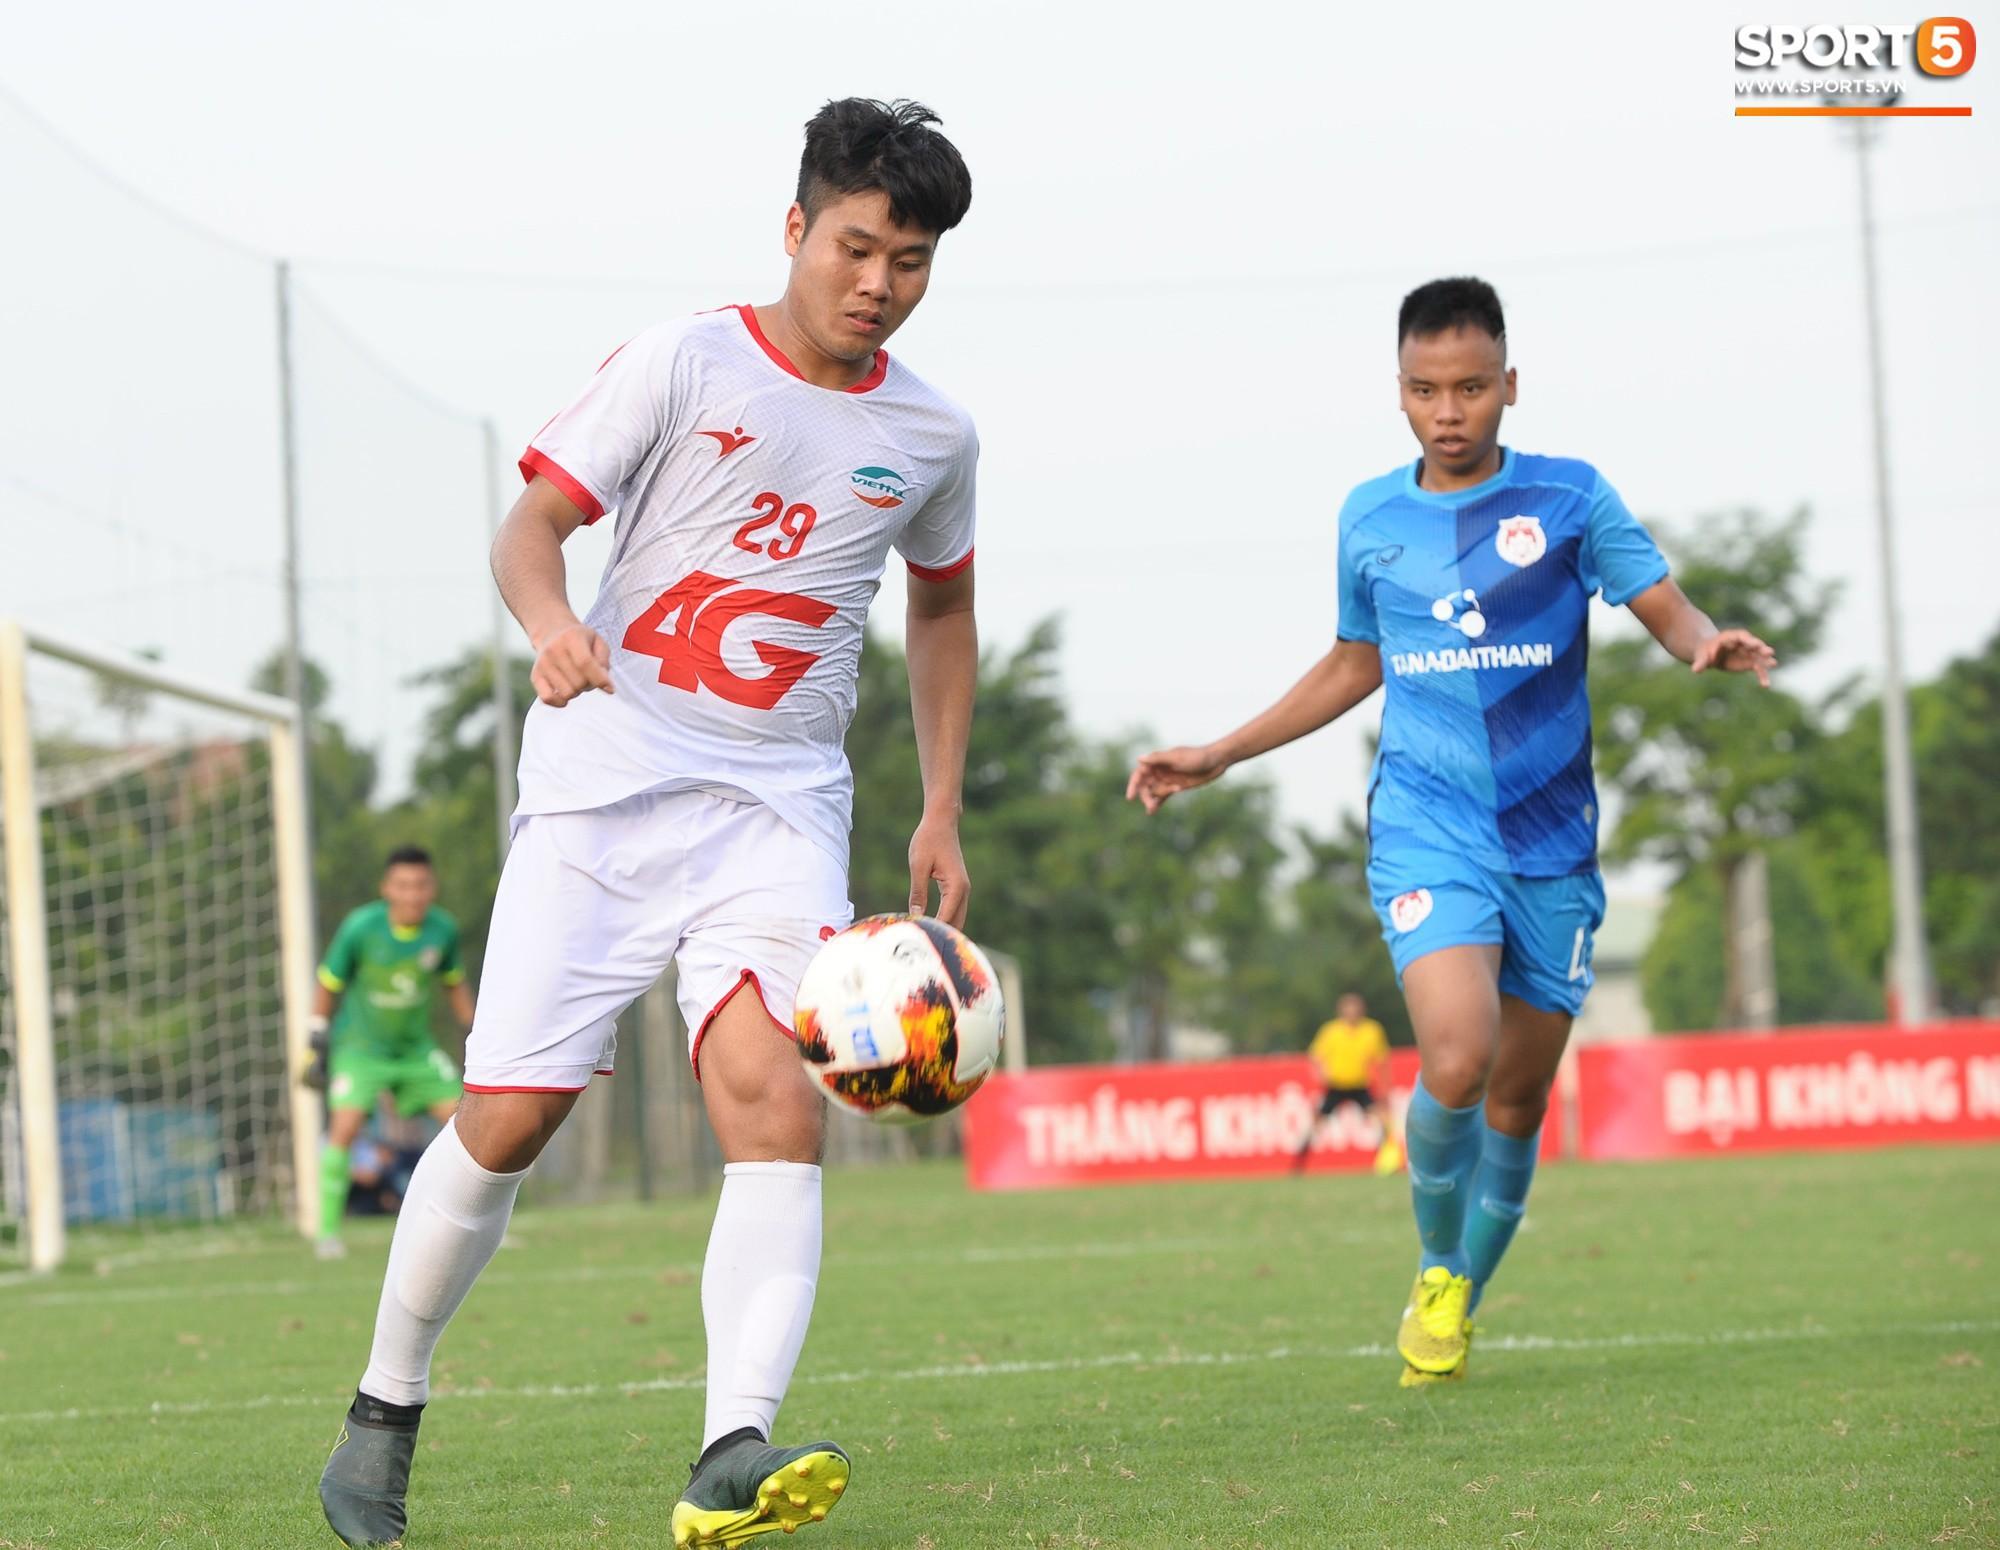 Sao trẻ U23 lập công, Viettel để Phố Hiến cầm hòa 1-1 trong ngày khai mạc giải U21 Quốc gia - Ảnh 6.